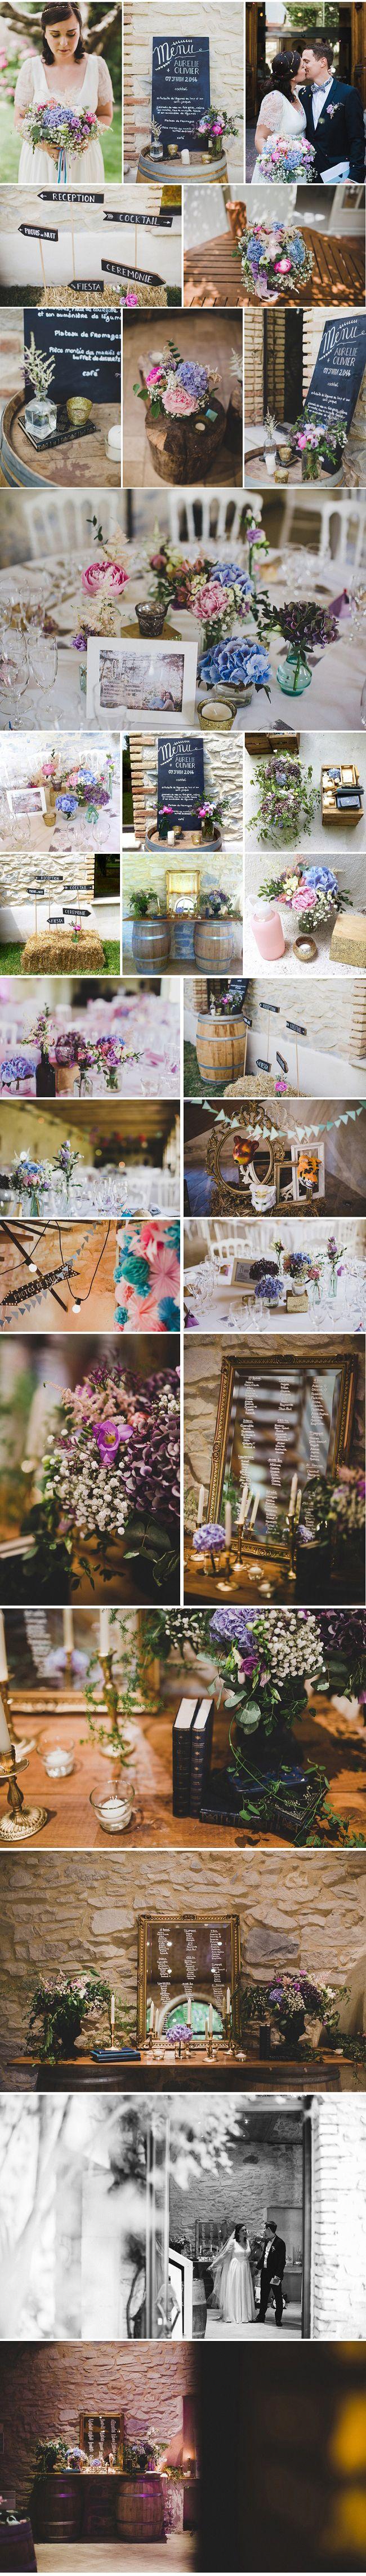 Décoration de mariage en rose et bleu en Provence, fête champêtre en Avignon, Big Day Wedding Designer, décorateur évènementiel et floral dans le 13 84 83 30